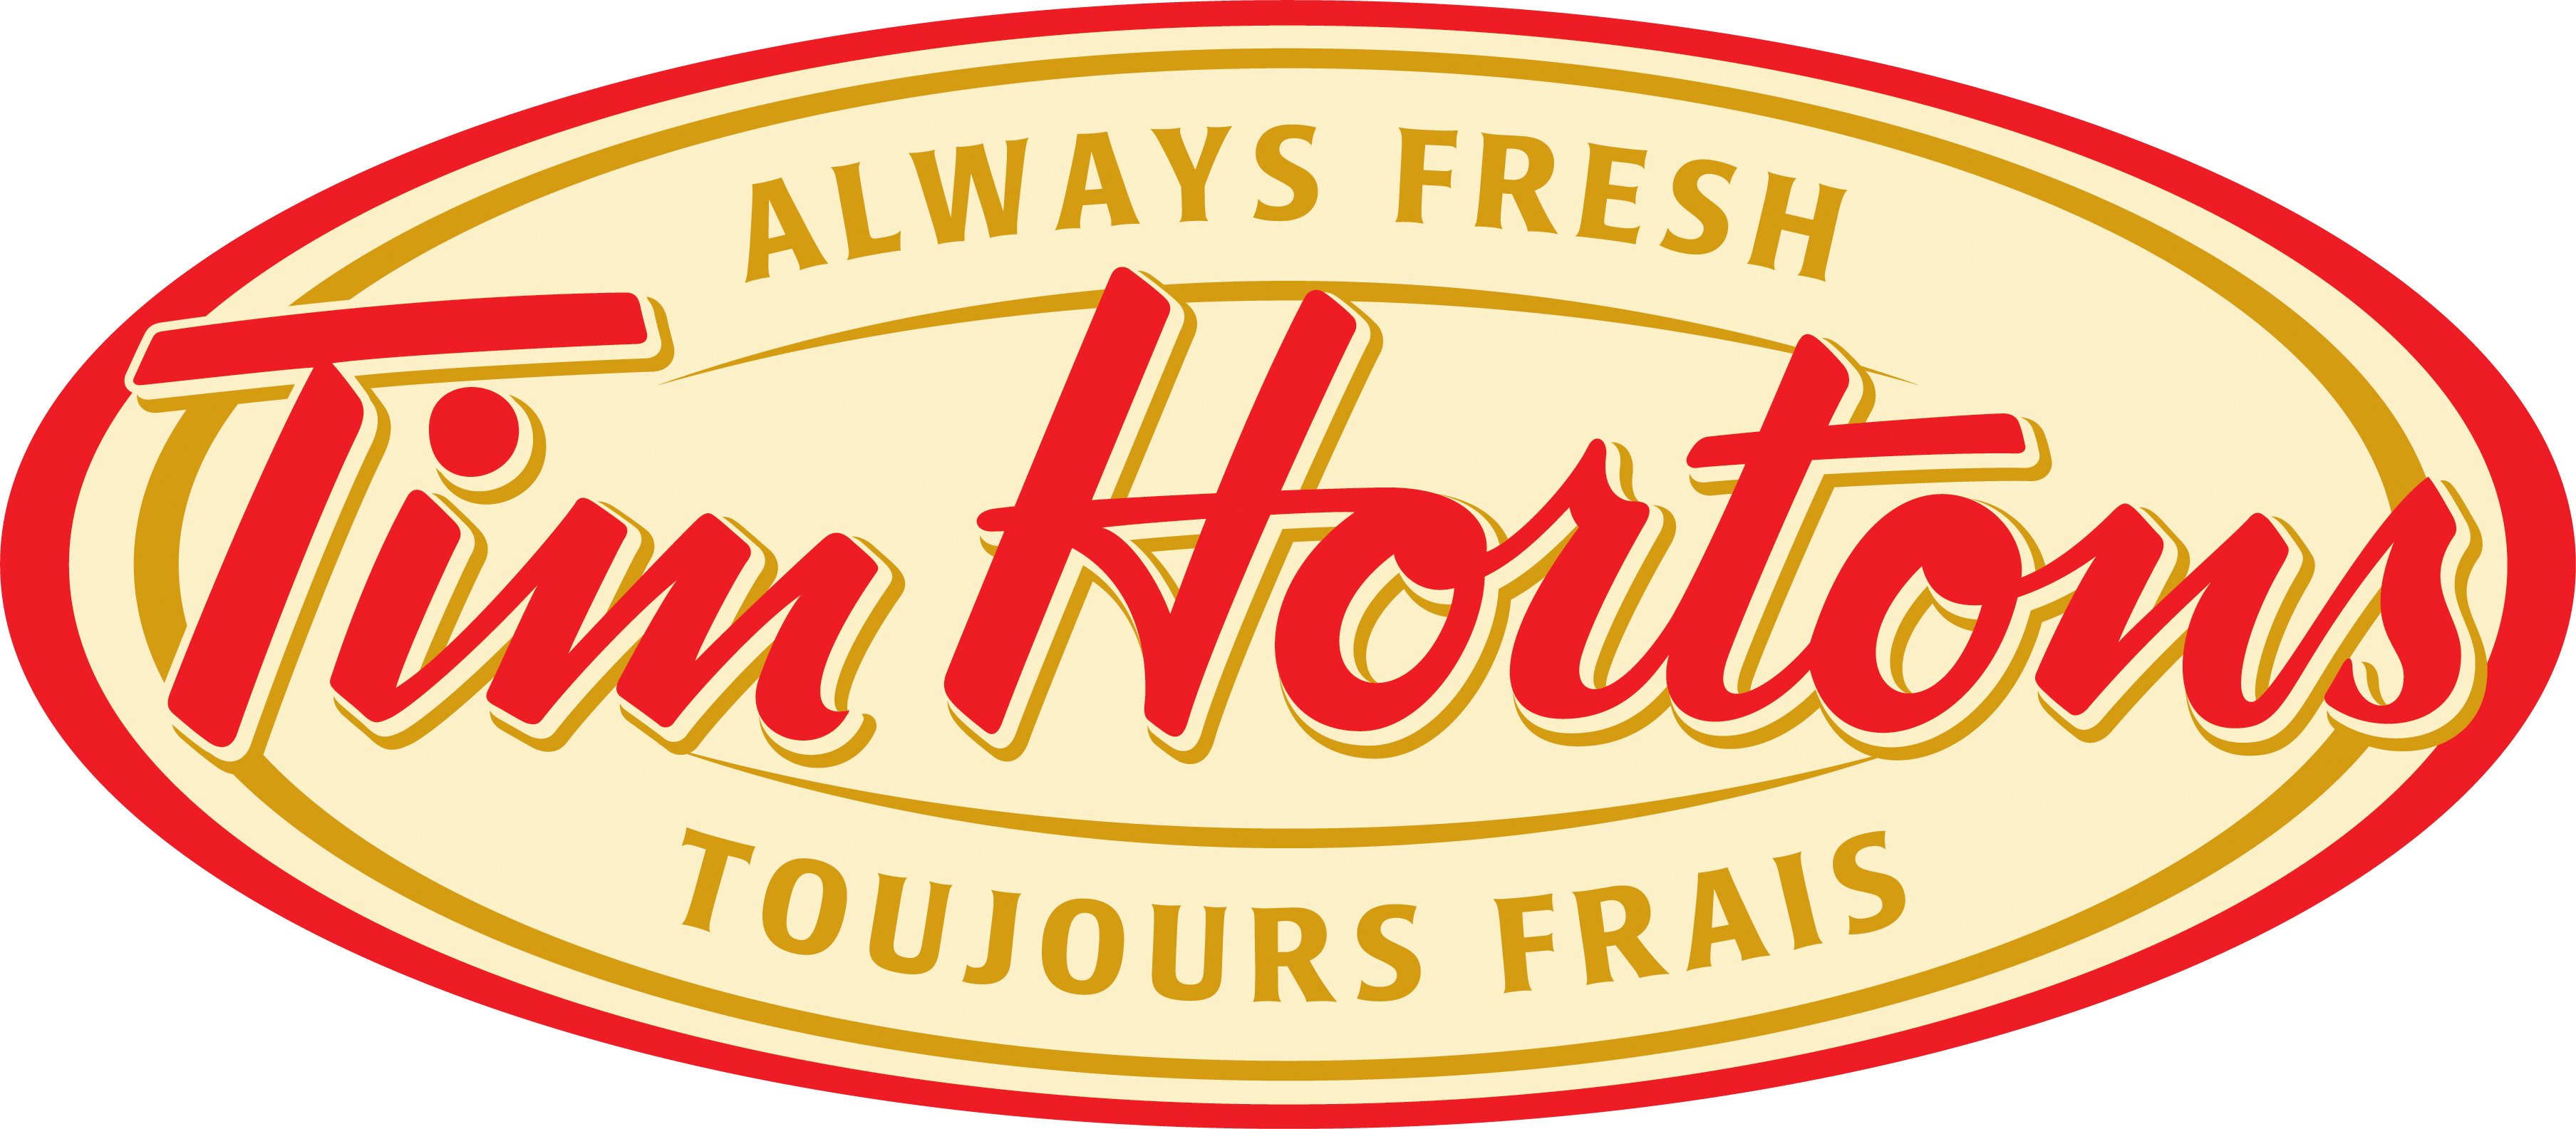 Tim hortons Logos.